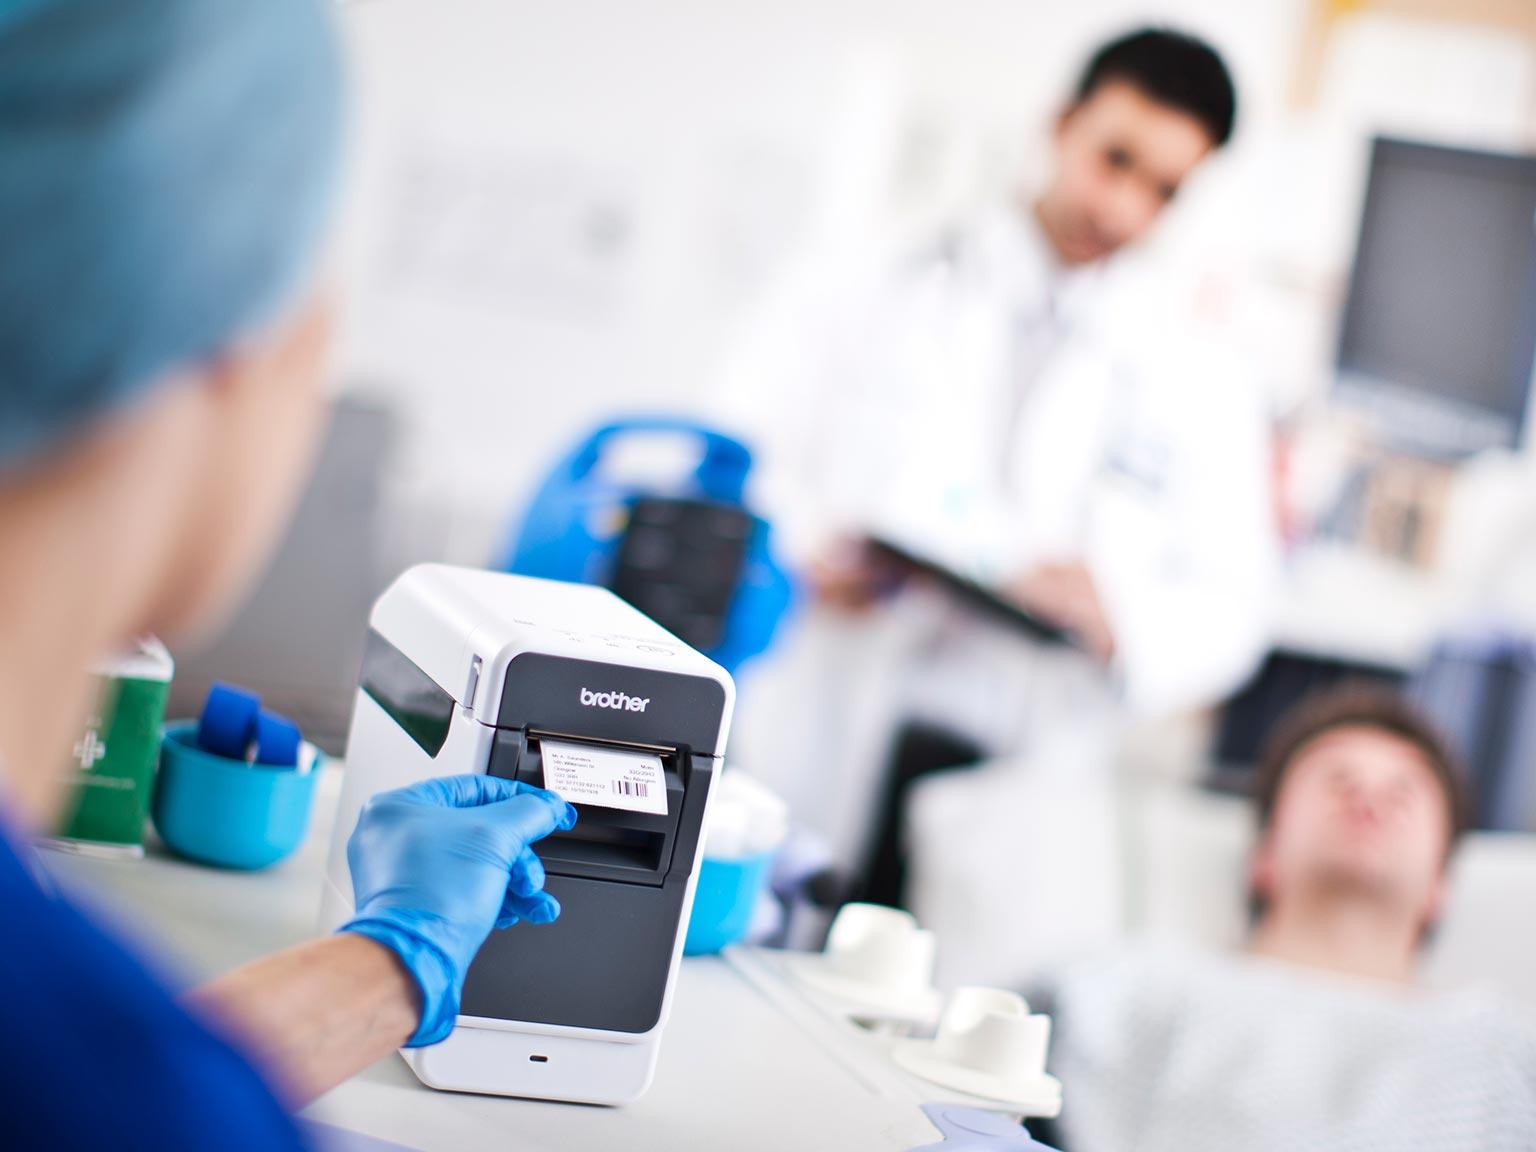 Етикене принтер Brother, серия TD2 в медицинска среда, отпечатва етикет